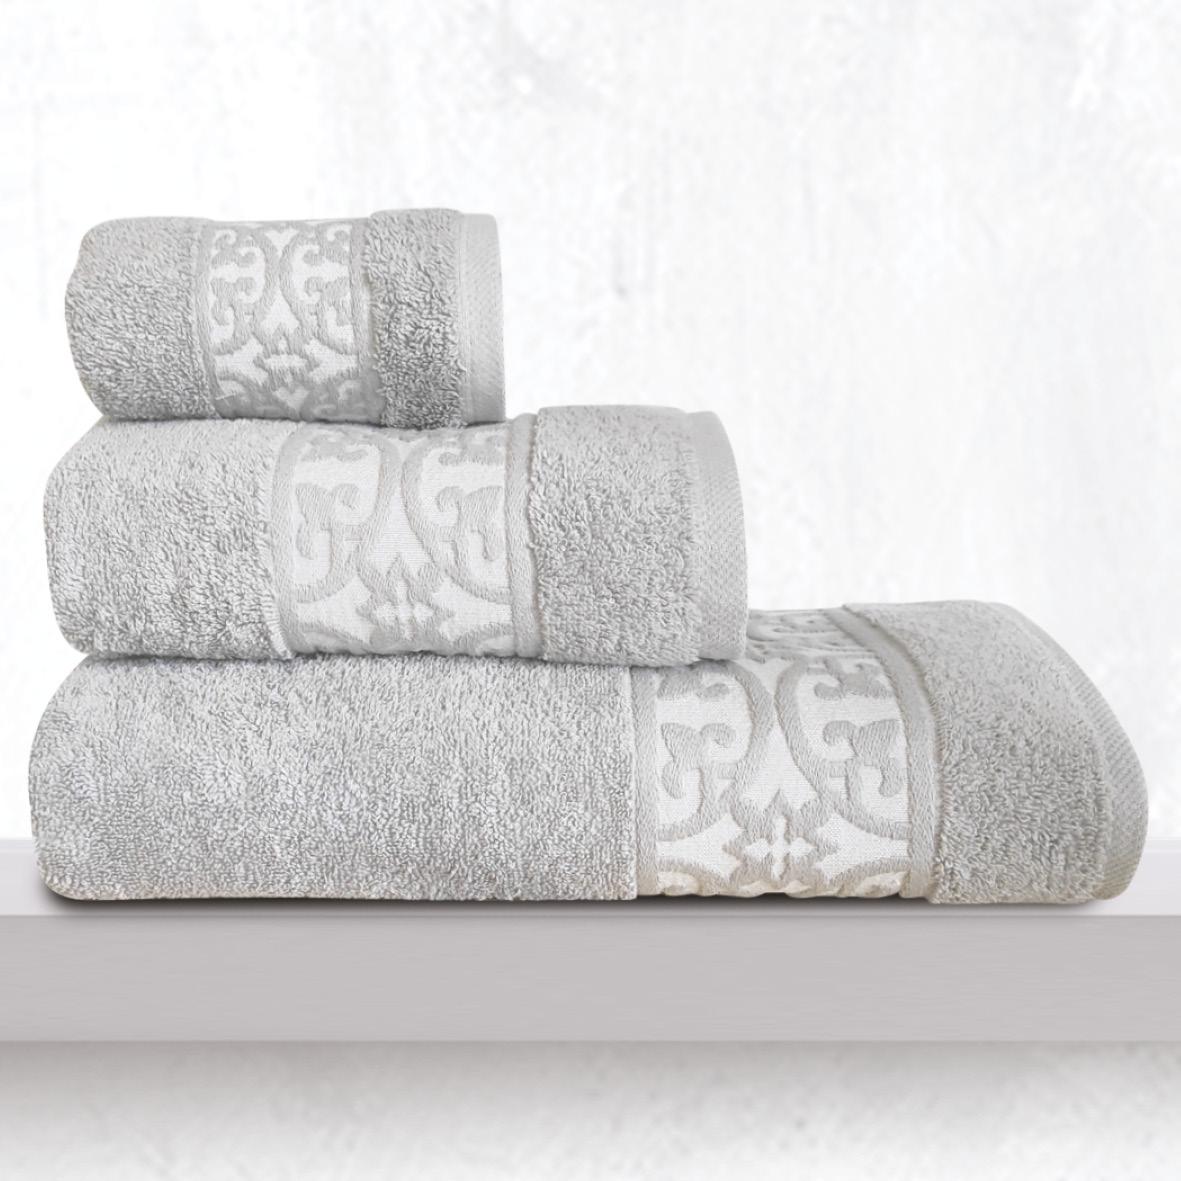 Πετσέτες Μπάνιου (Σετ 3 Τμχ) Sb Home Zenith Silver